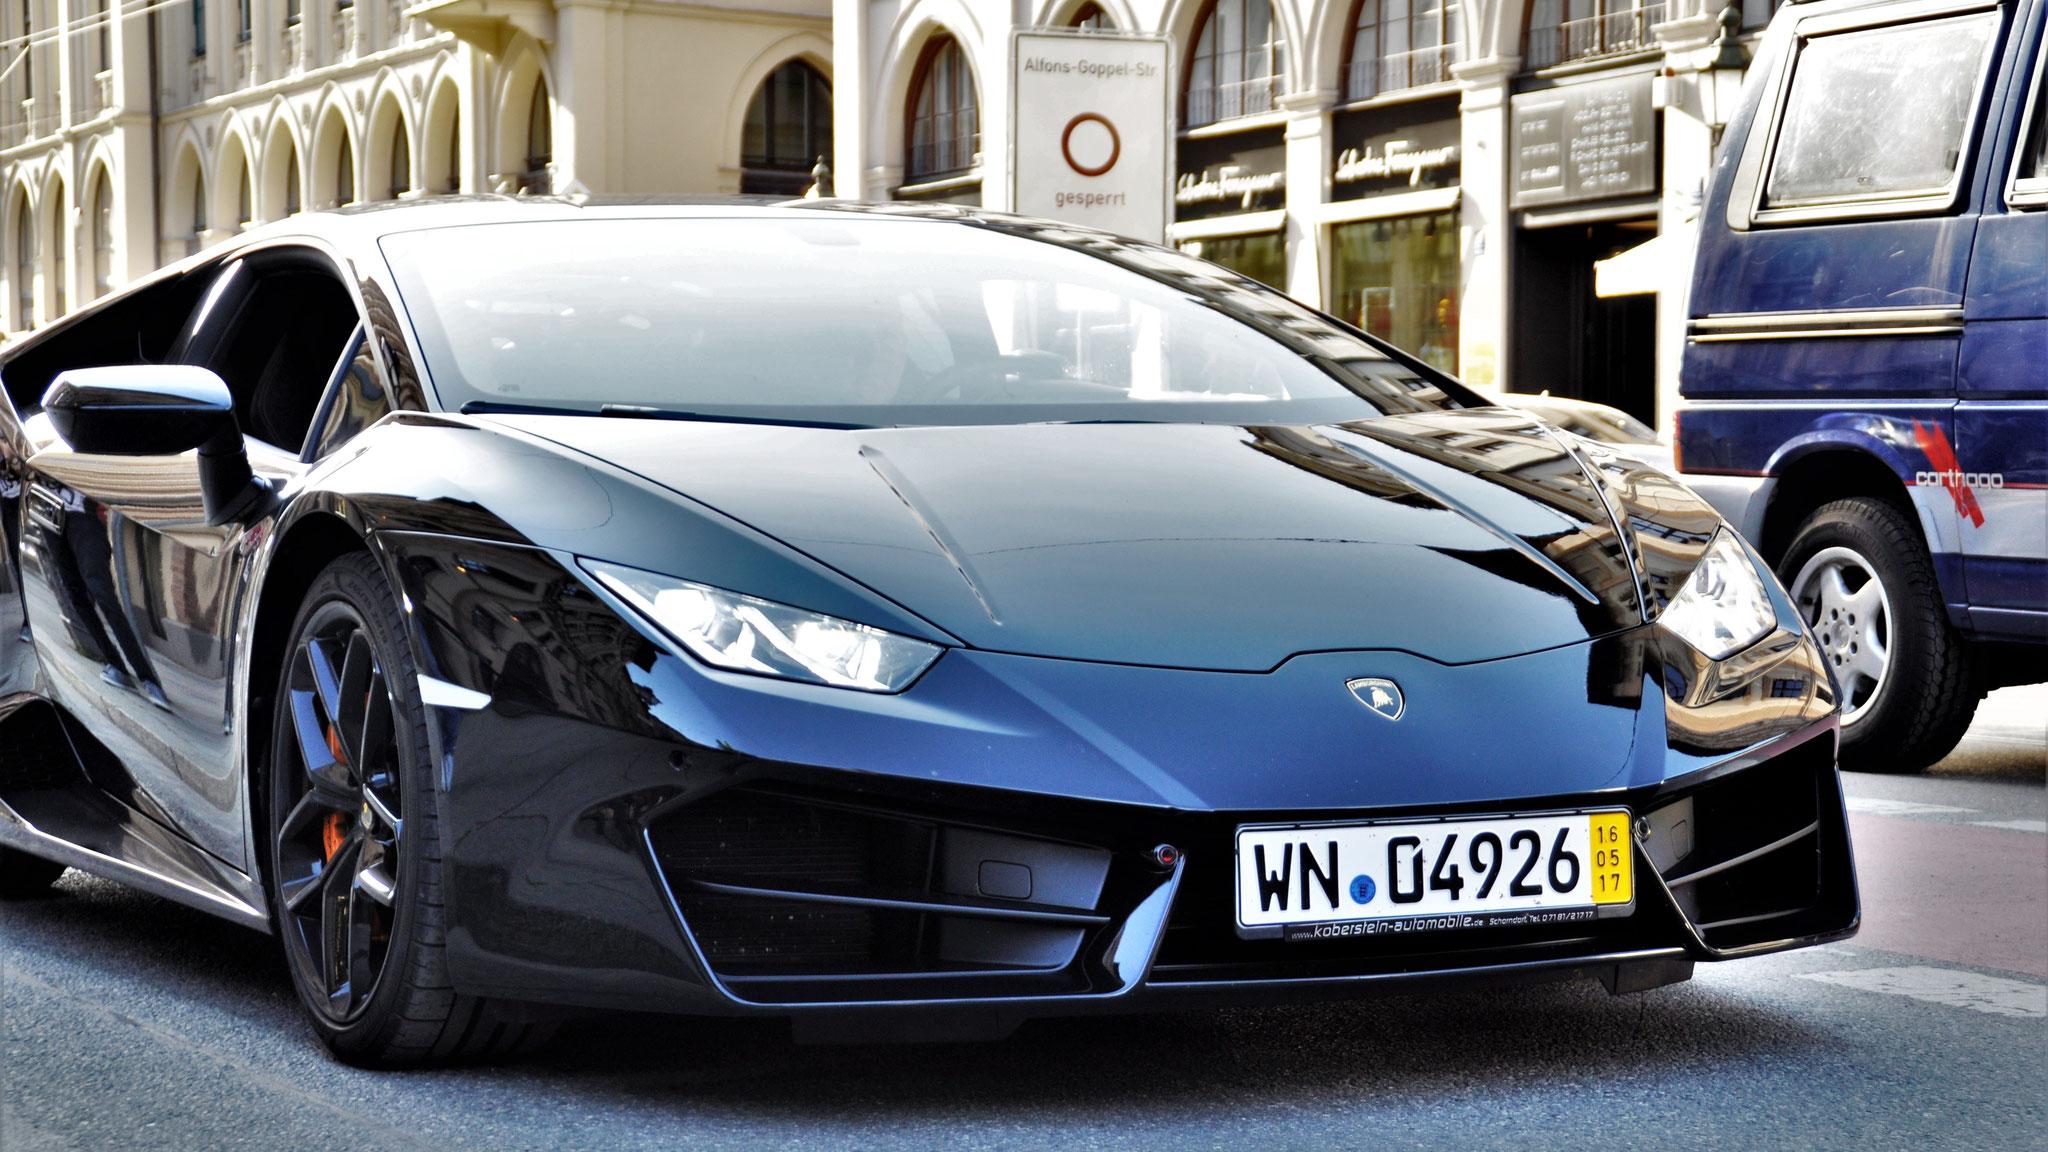 Lamborghini Huracan - WN-04926